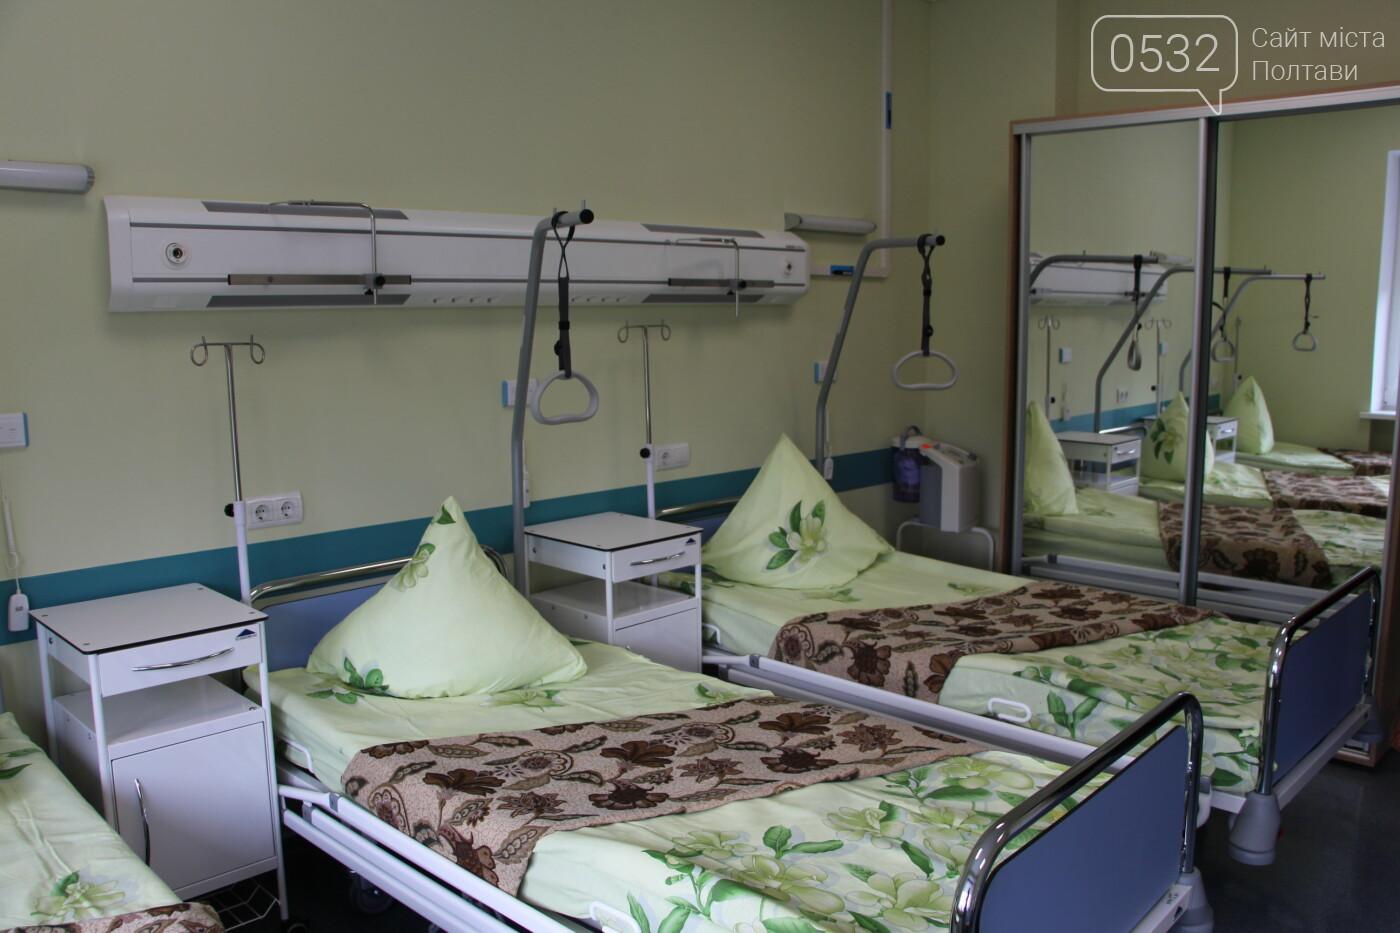 У Полтаві відкрили два відділення обласної лікарні, відремонтовані за 36 мільйонів (ФОТО, ВІДЕО), фото-5